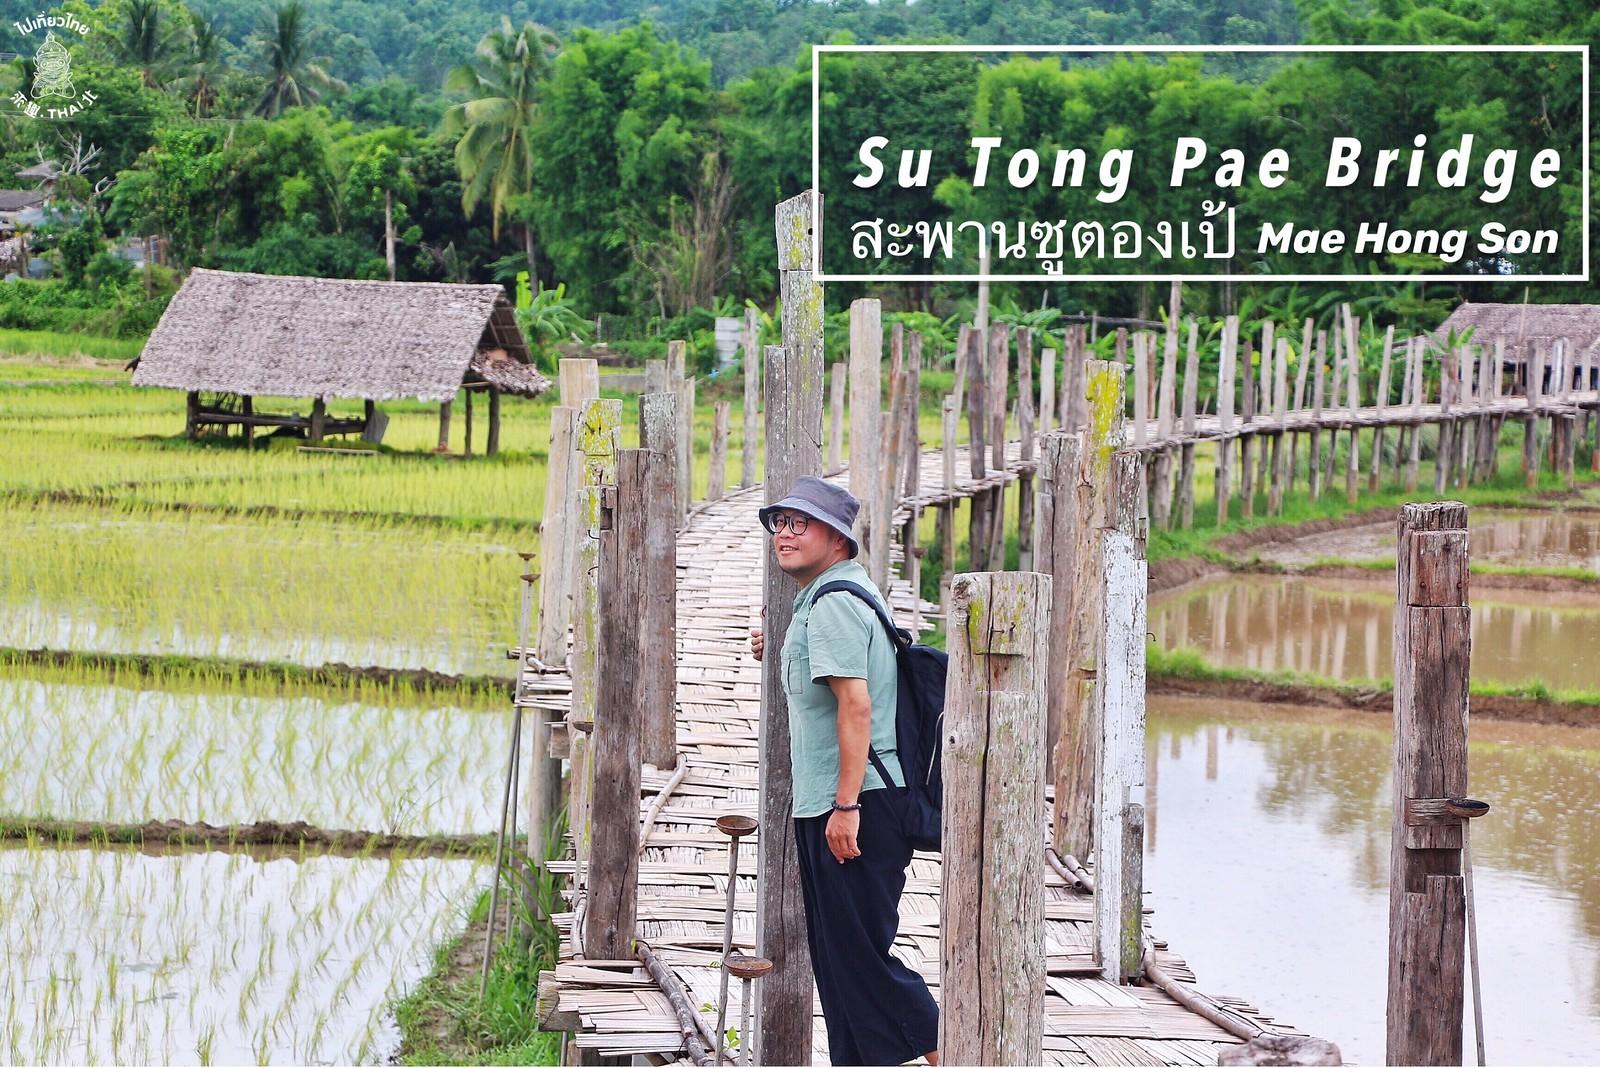 泰國最長竹橋。《SuTongPaeBridge สะพานซูตองเป้》